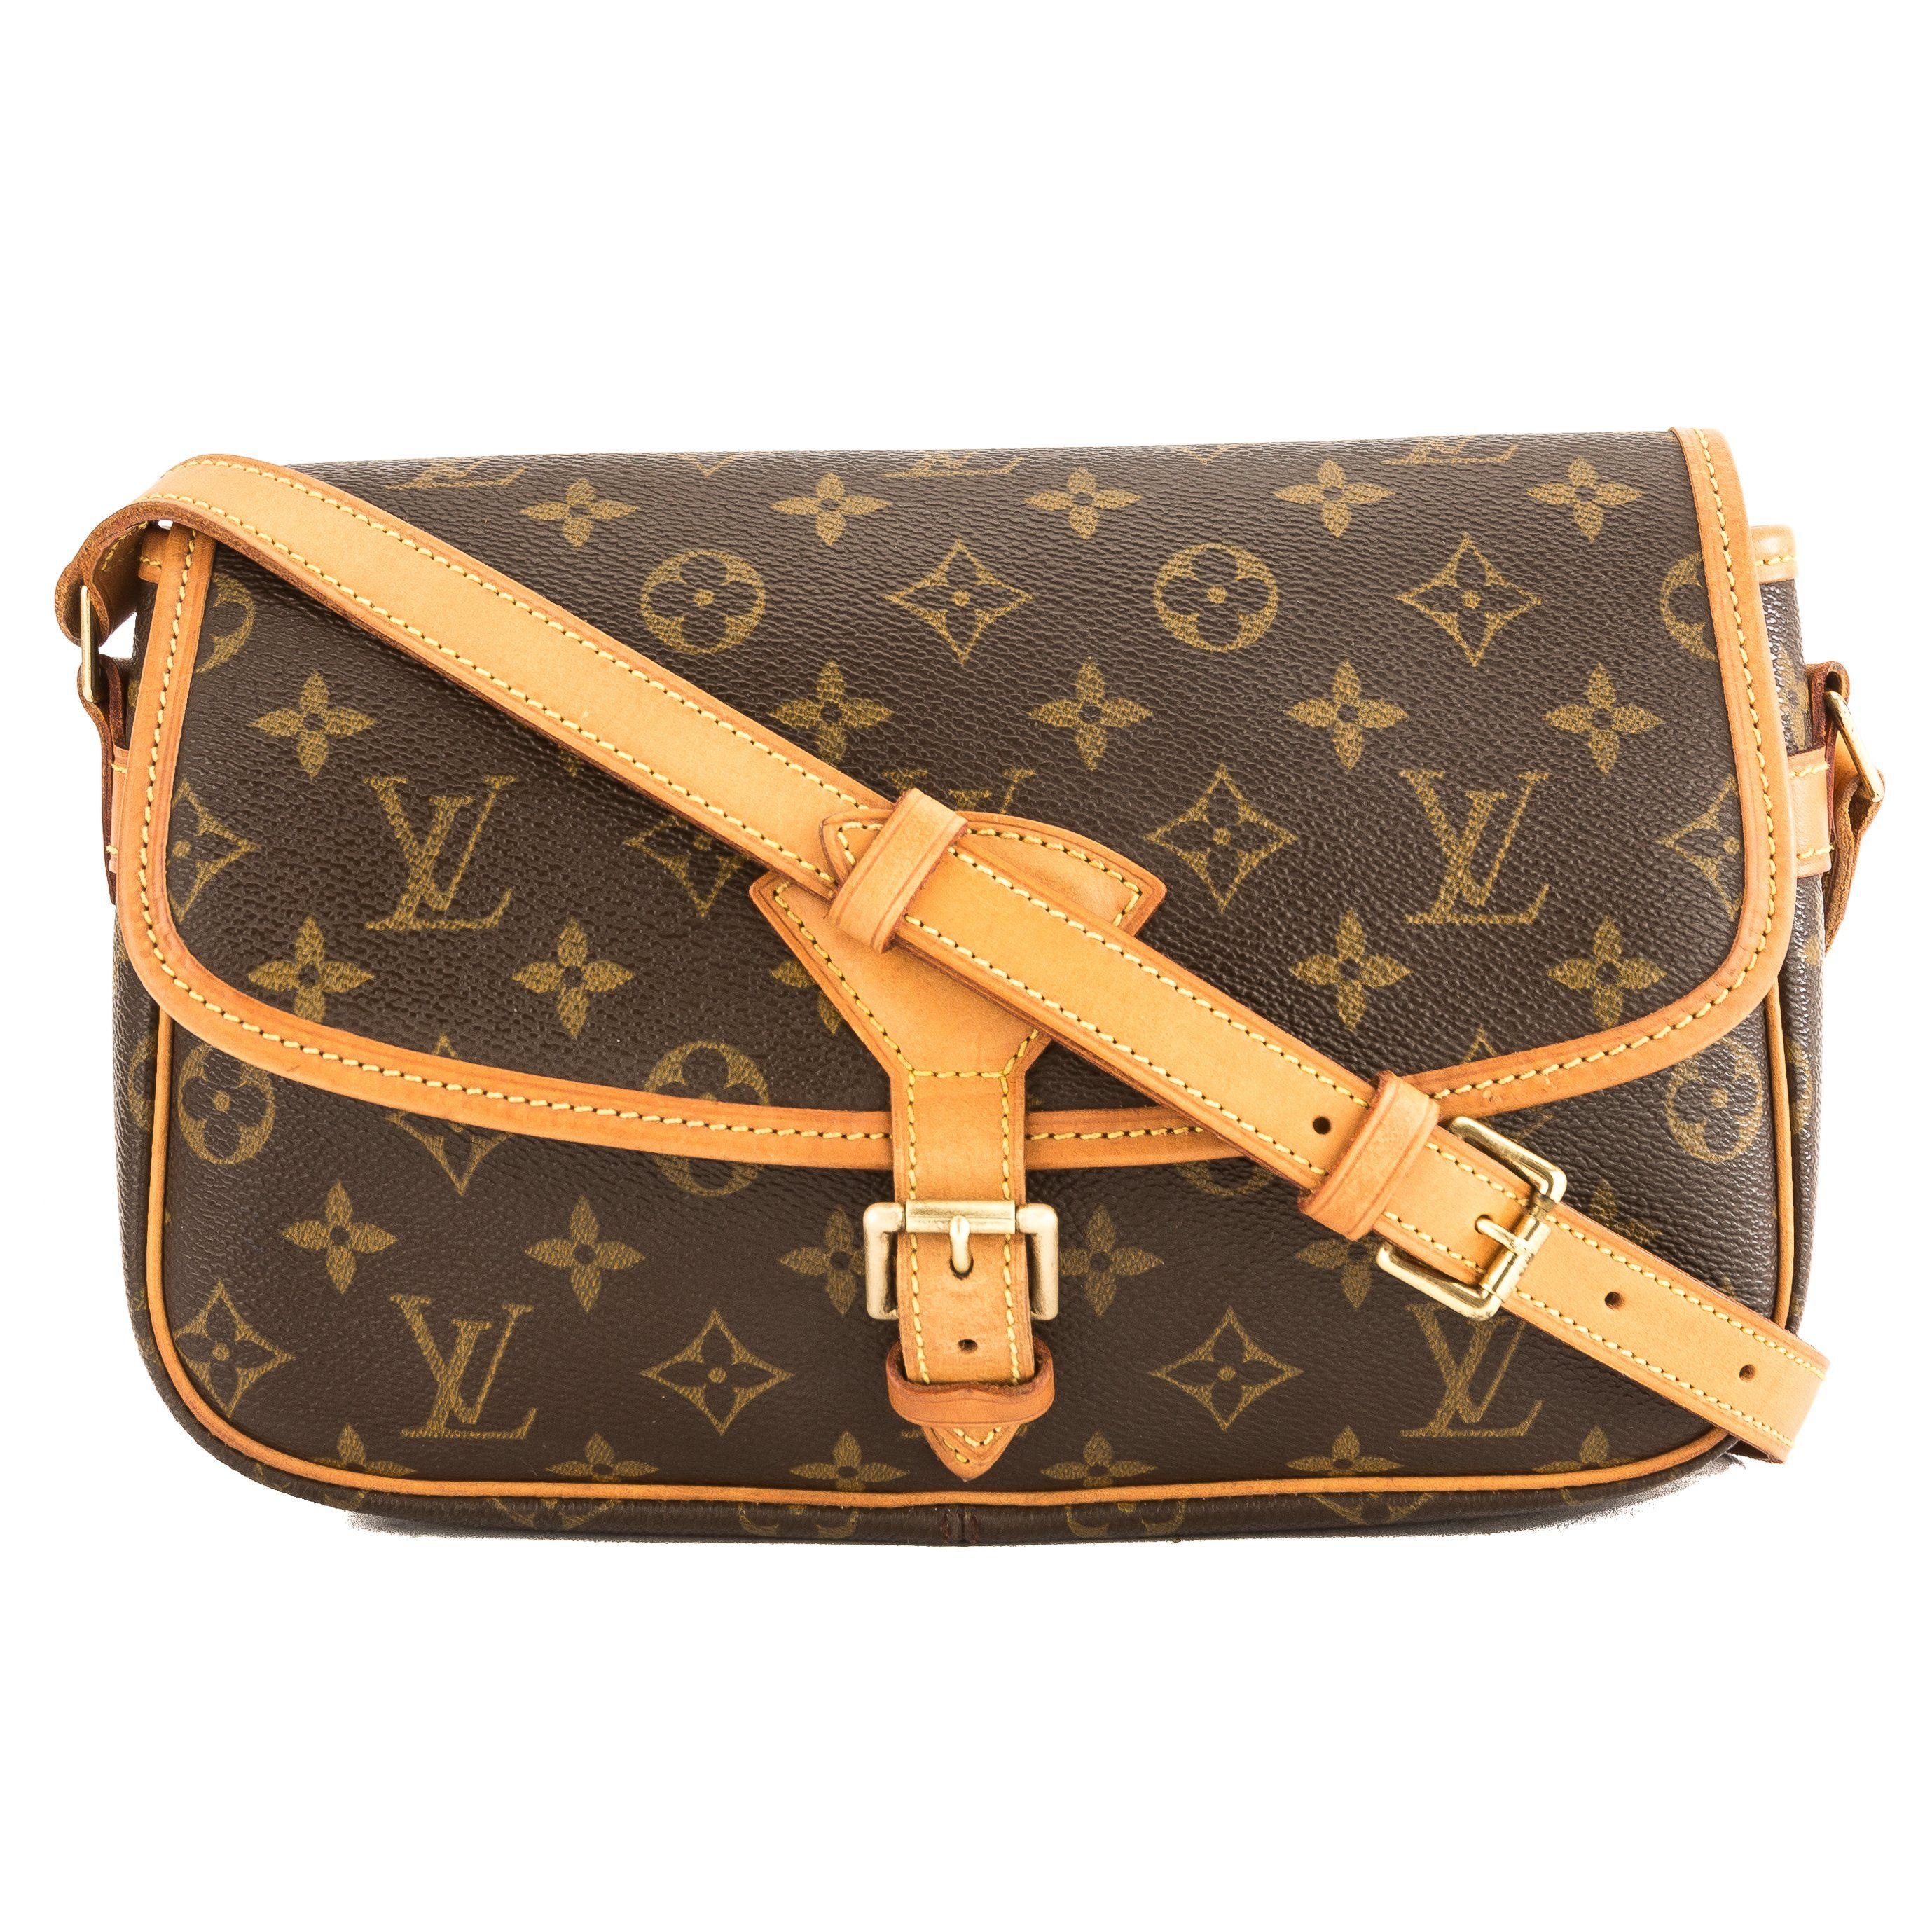 96018a453df Shop Louis Vuitton Monogram Canvas Sologne Bag (Pre Owned) - 3870002 ...